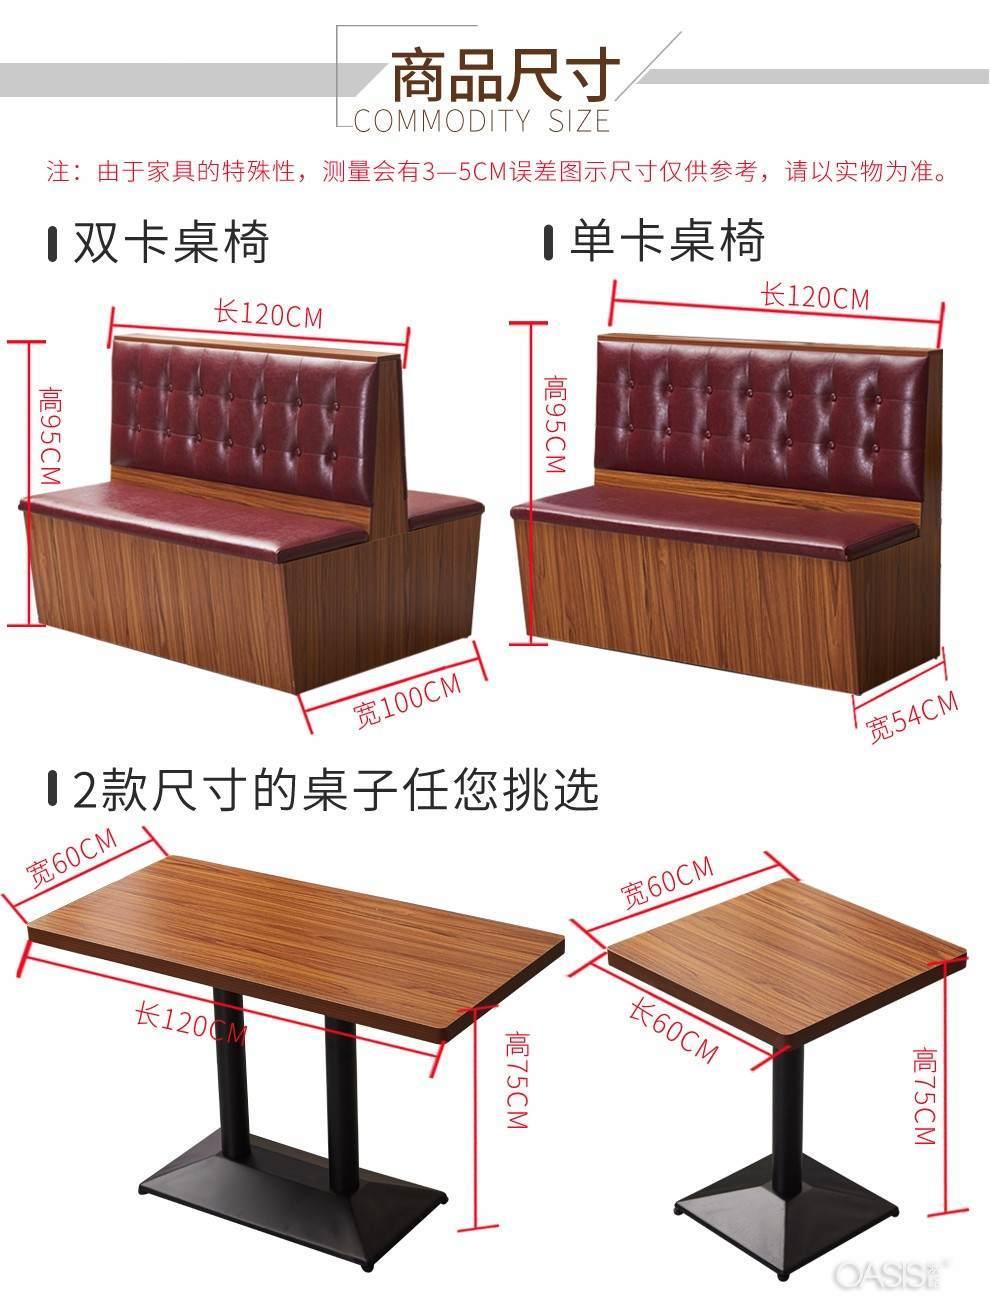 西餐厅桌椅价格及尺寸